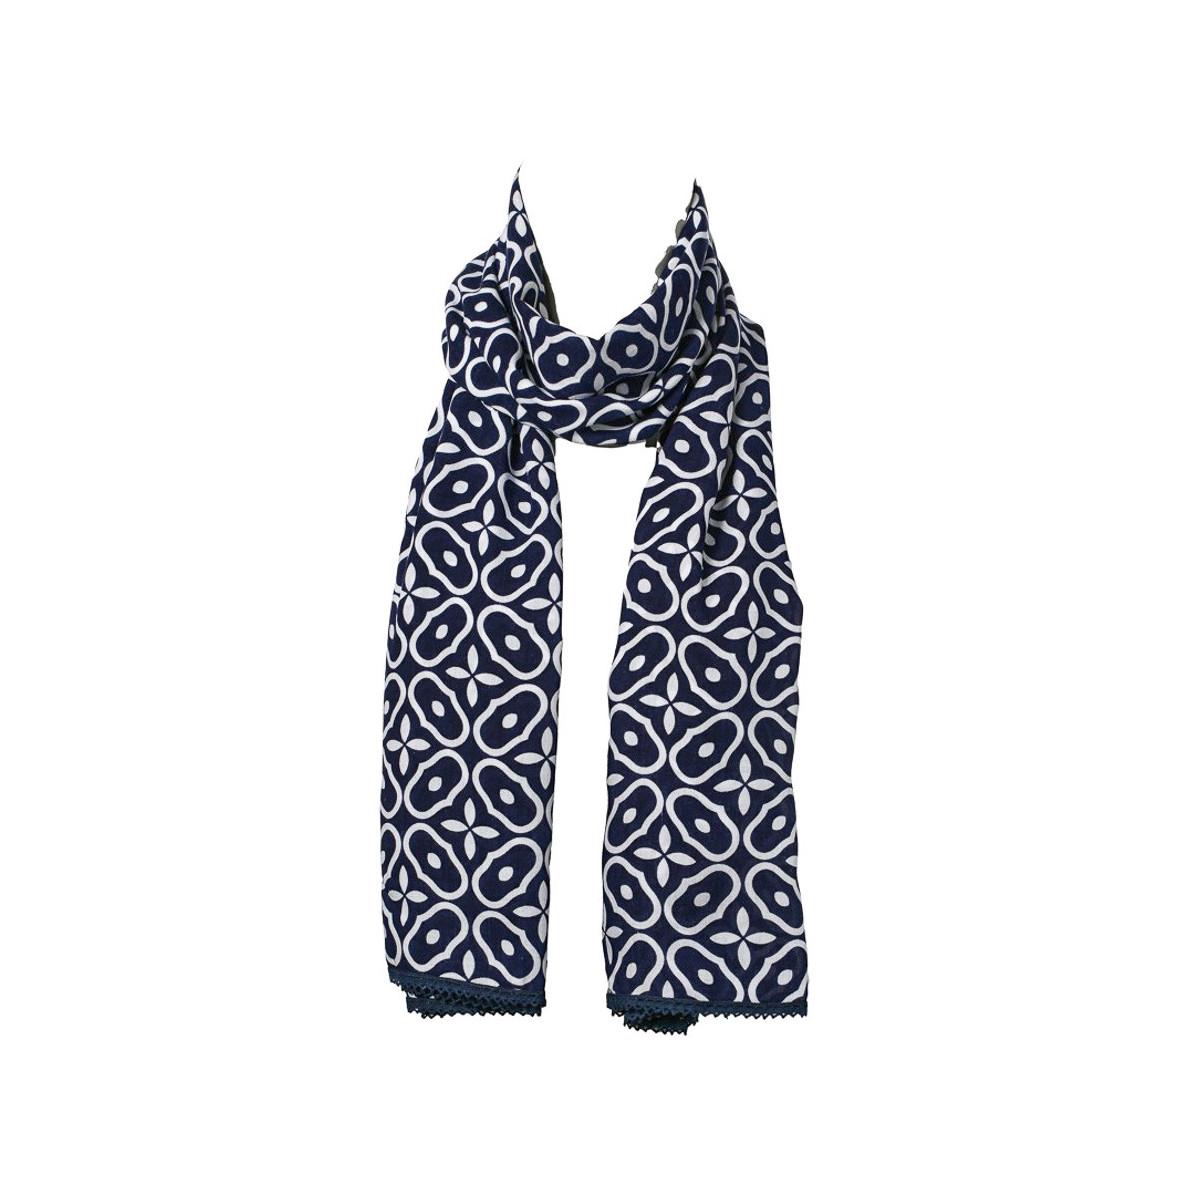 Chèche foulard femme coton bleu nuit et blanc